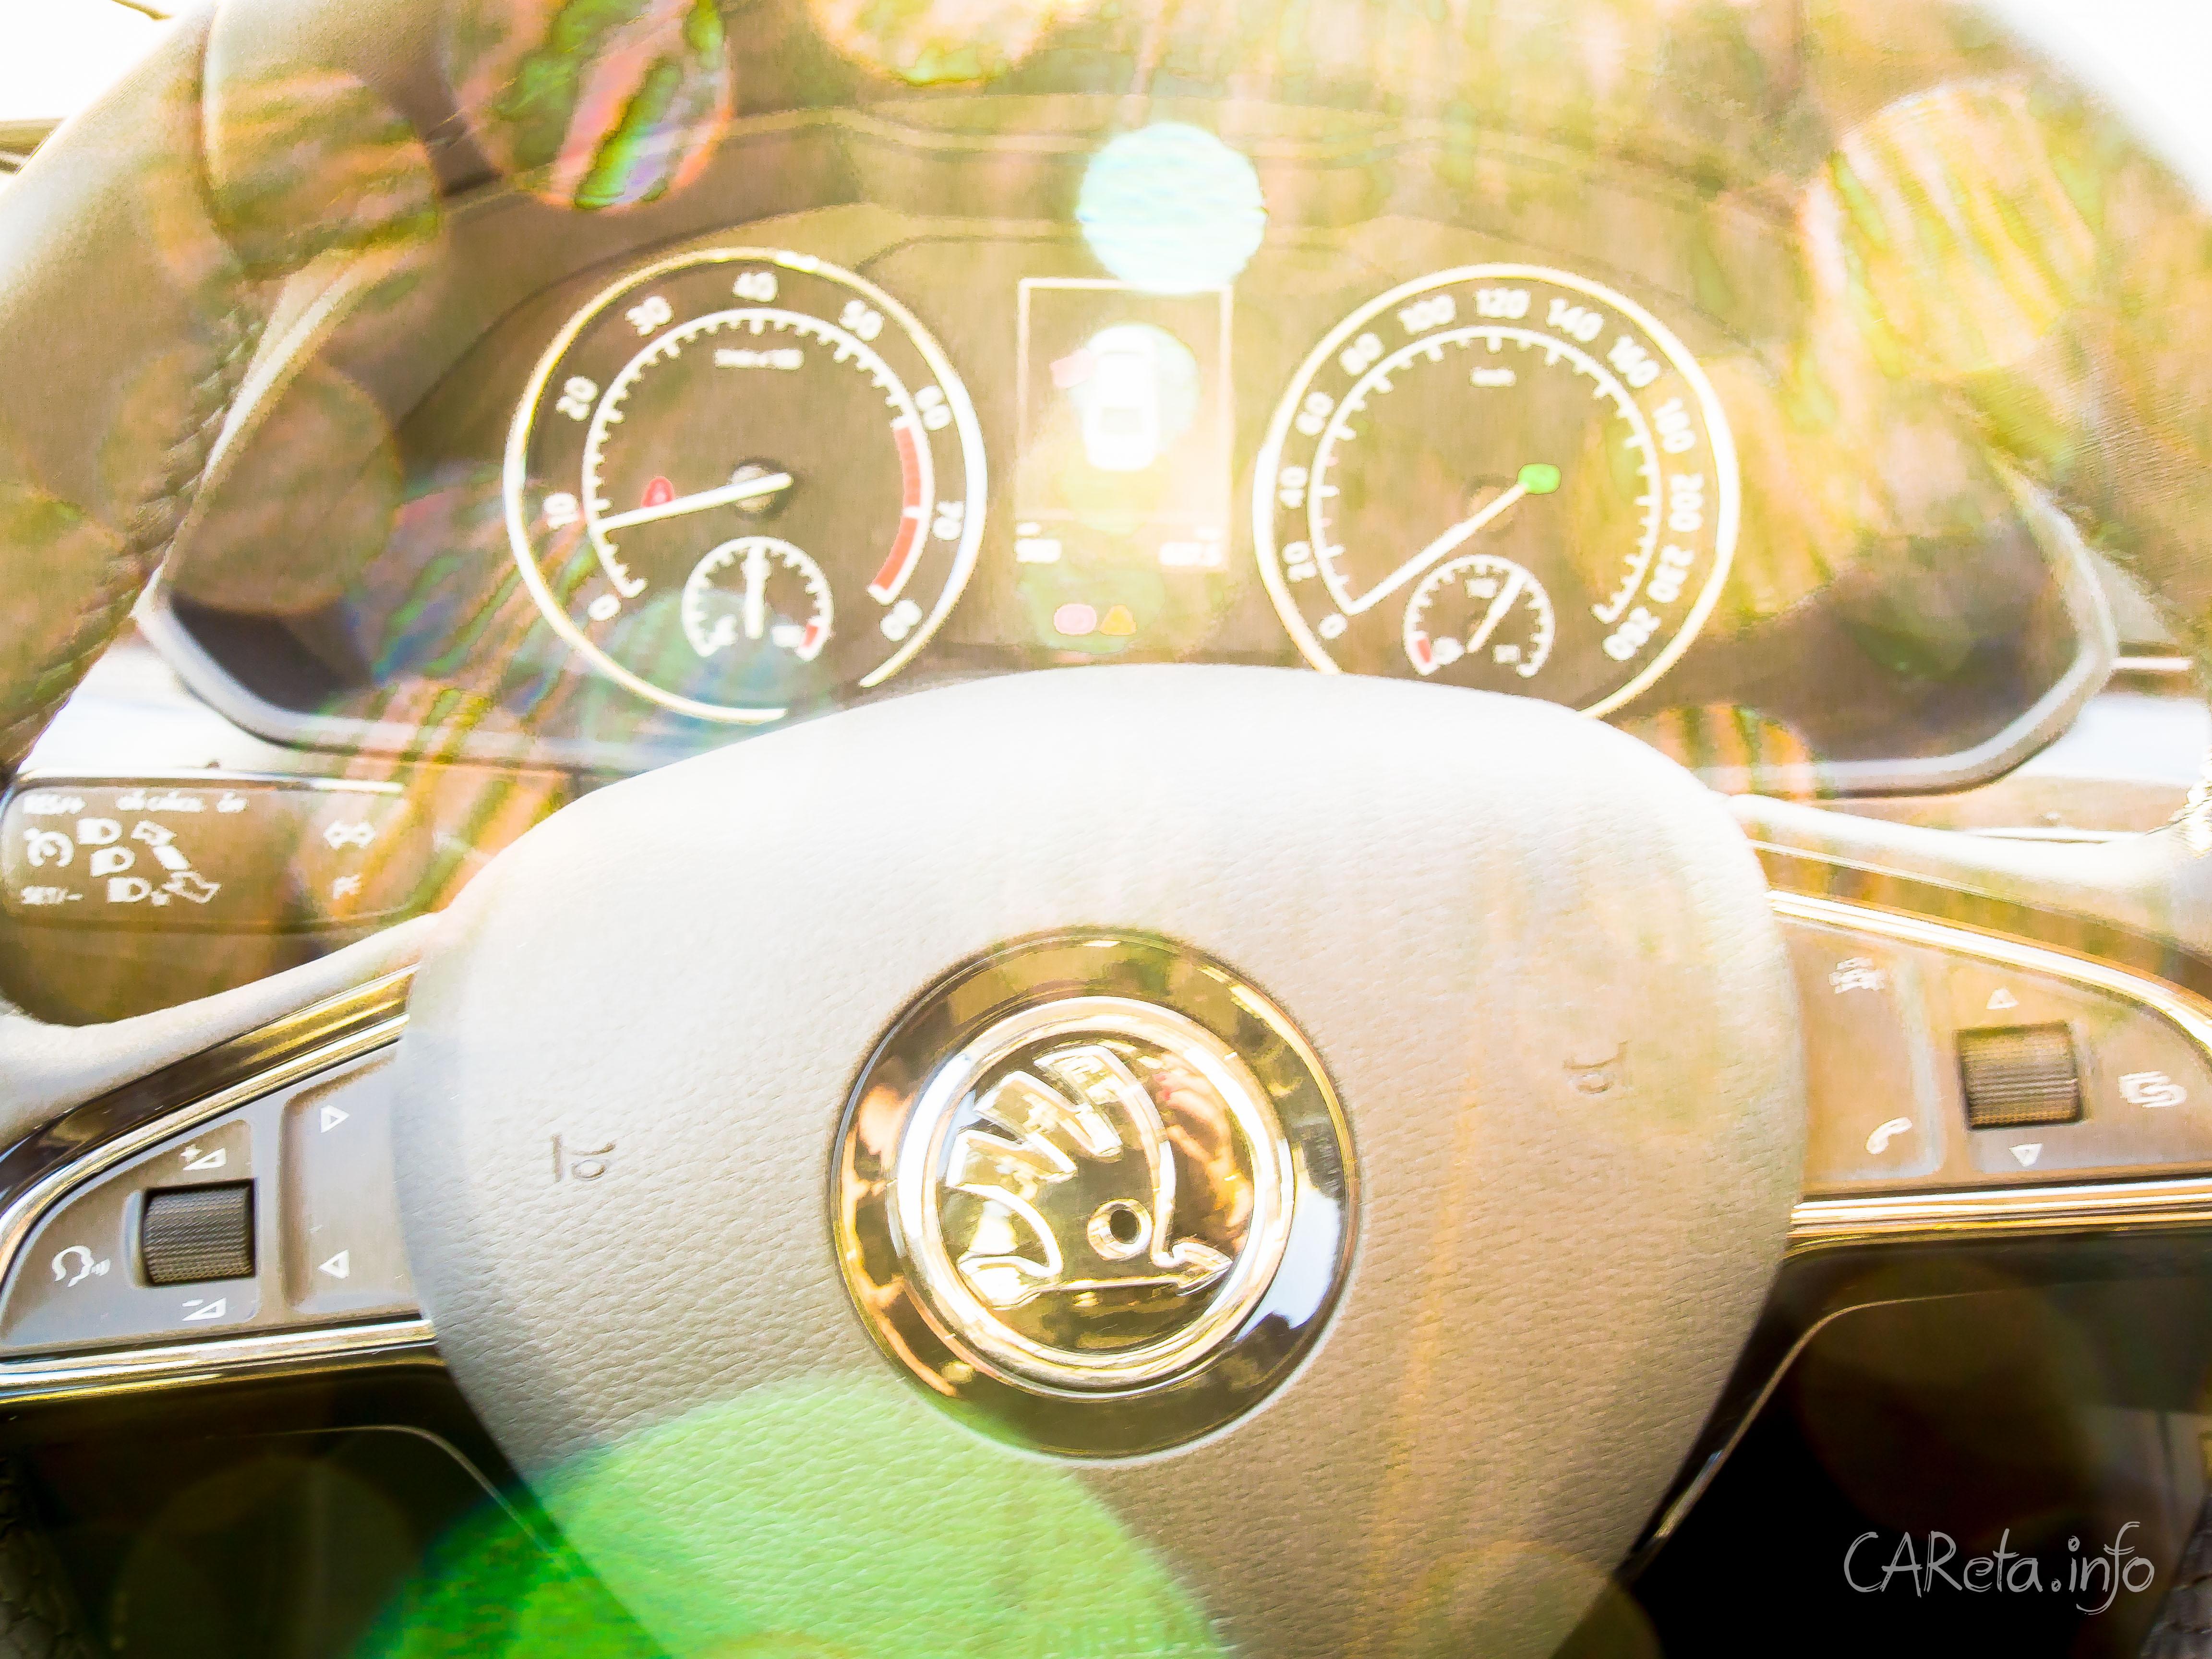 Как выбрать автомобиль - рассказывает Сигма Сервис